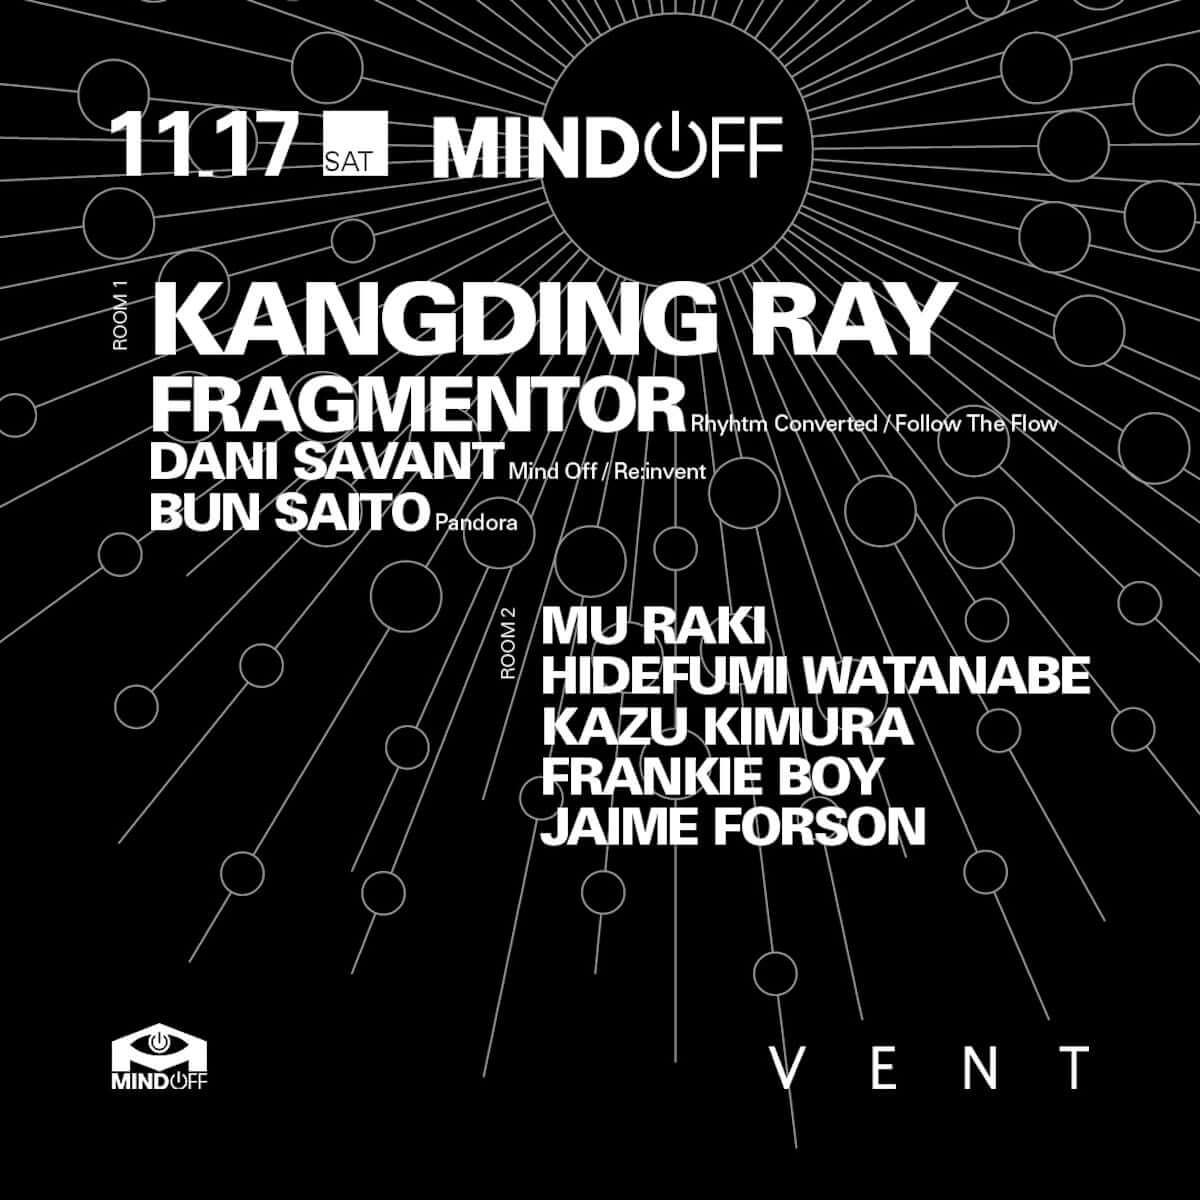 エクスペリメンタル×モダン・テクノ・アーティストのKangding RayがVENTで開催の「Mind Off」に登場 music181116-vent-kangding-ray-1-1200x1200